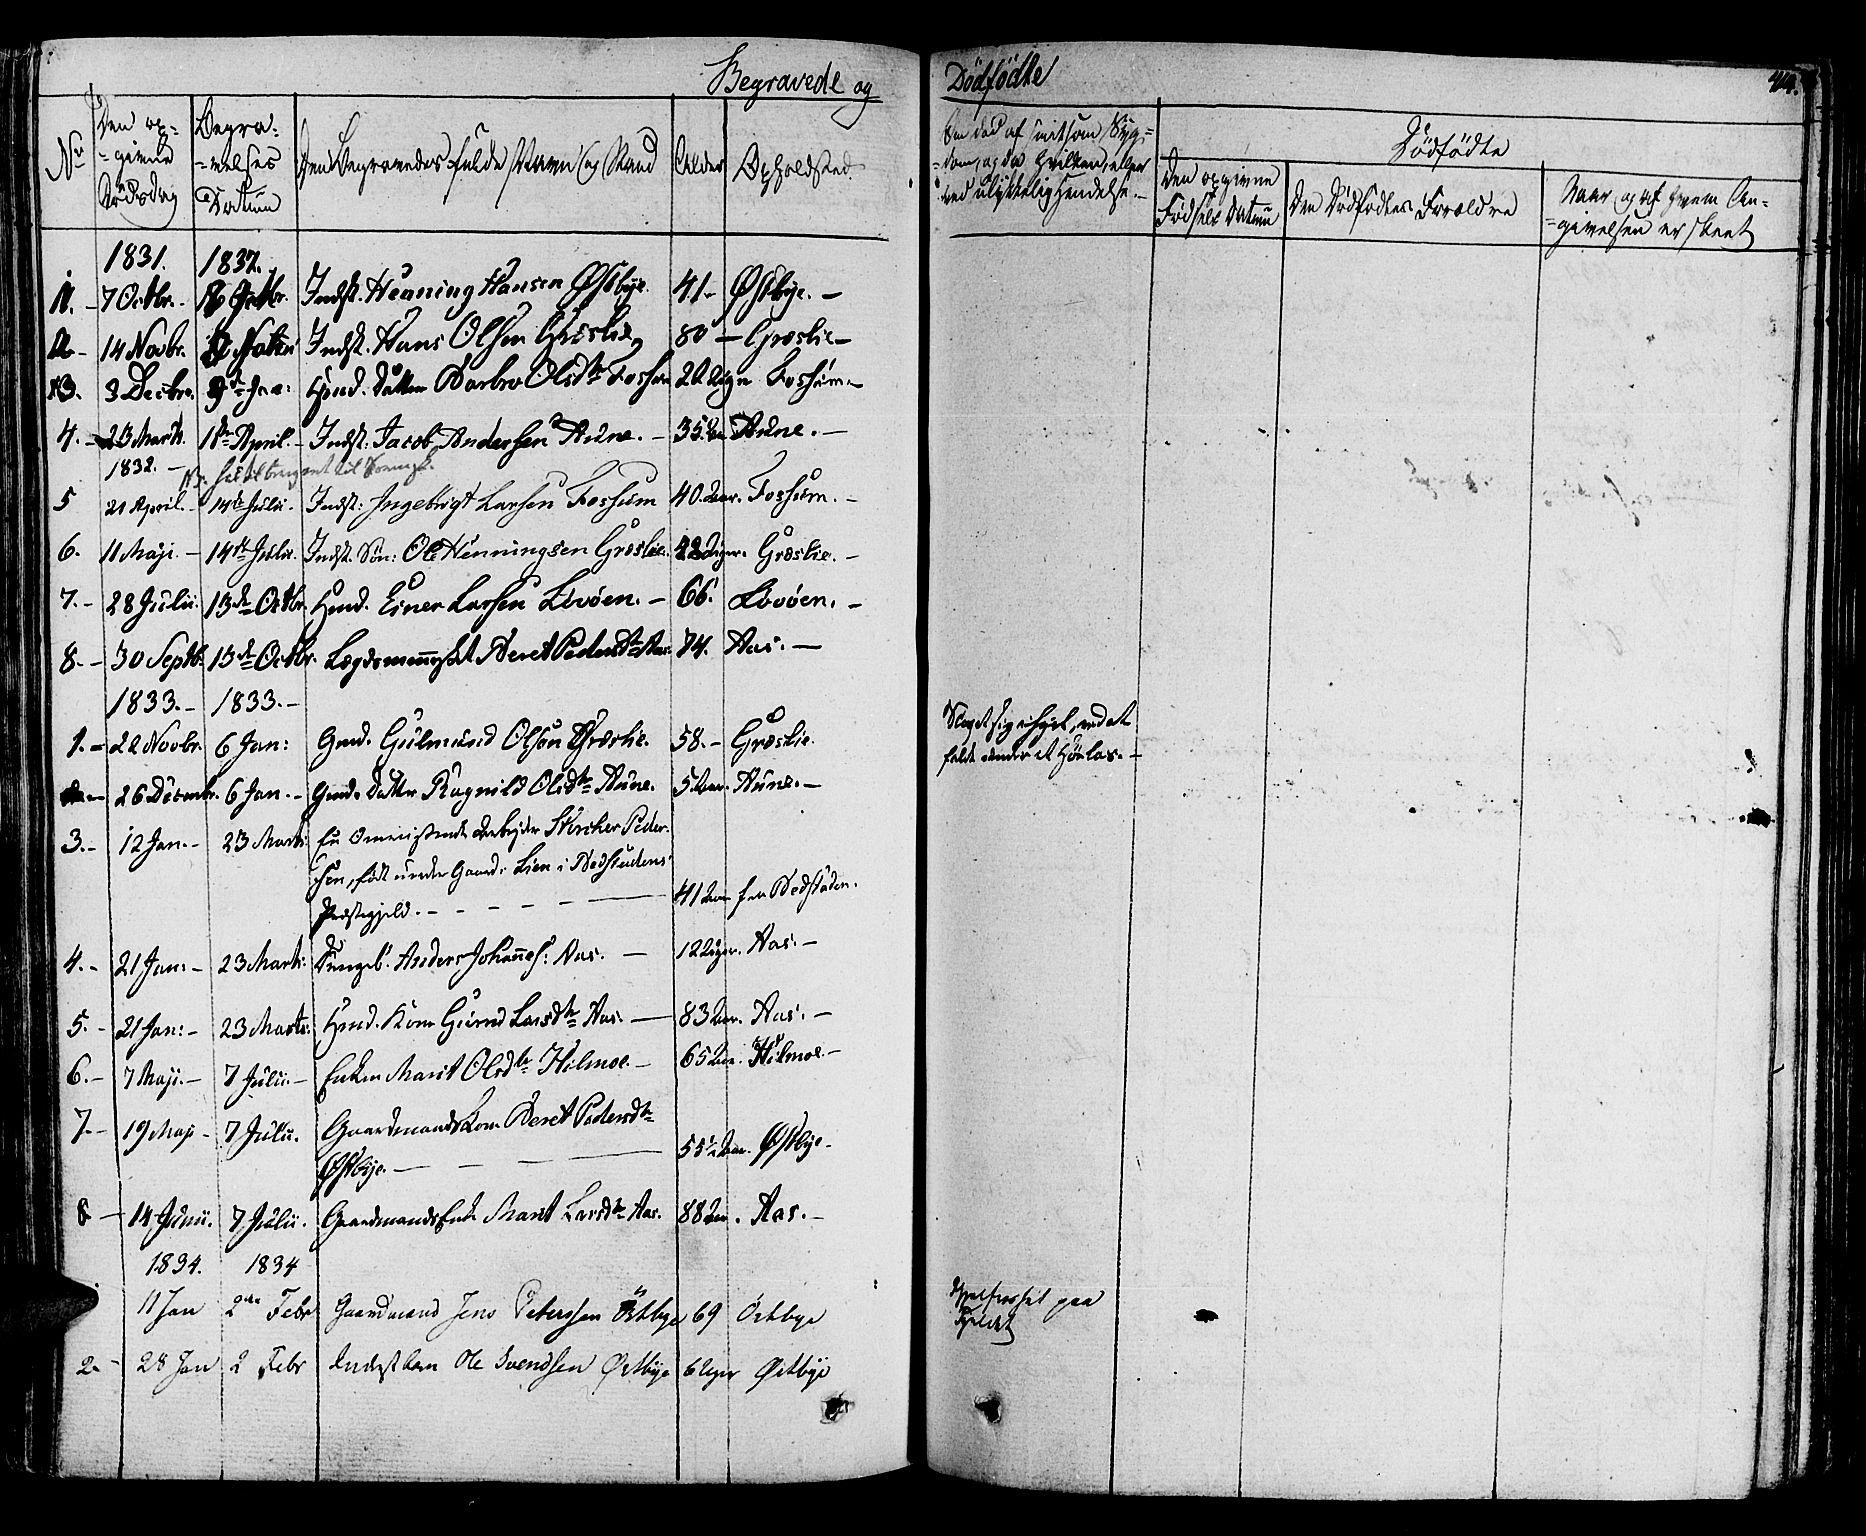 SAT, Ministerialprotokoller, klokkerbøker og fødselsregistre - Sør-Trøndelag, 695/L1144: Ministerialbok nr. 695A05 /2, 1824-1842, s. 414